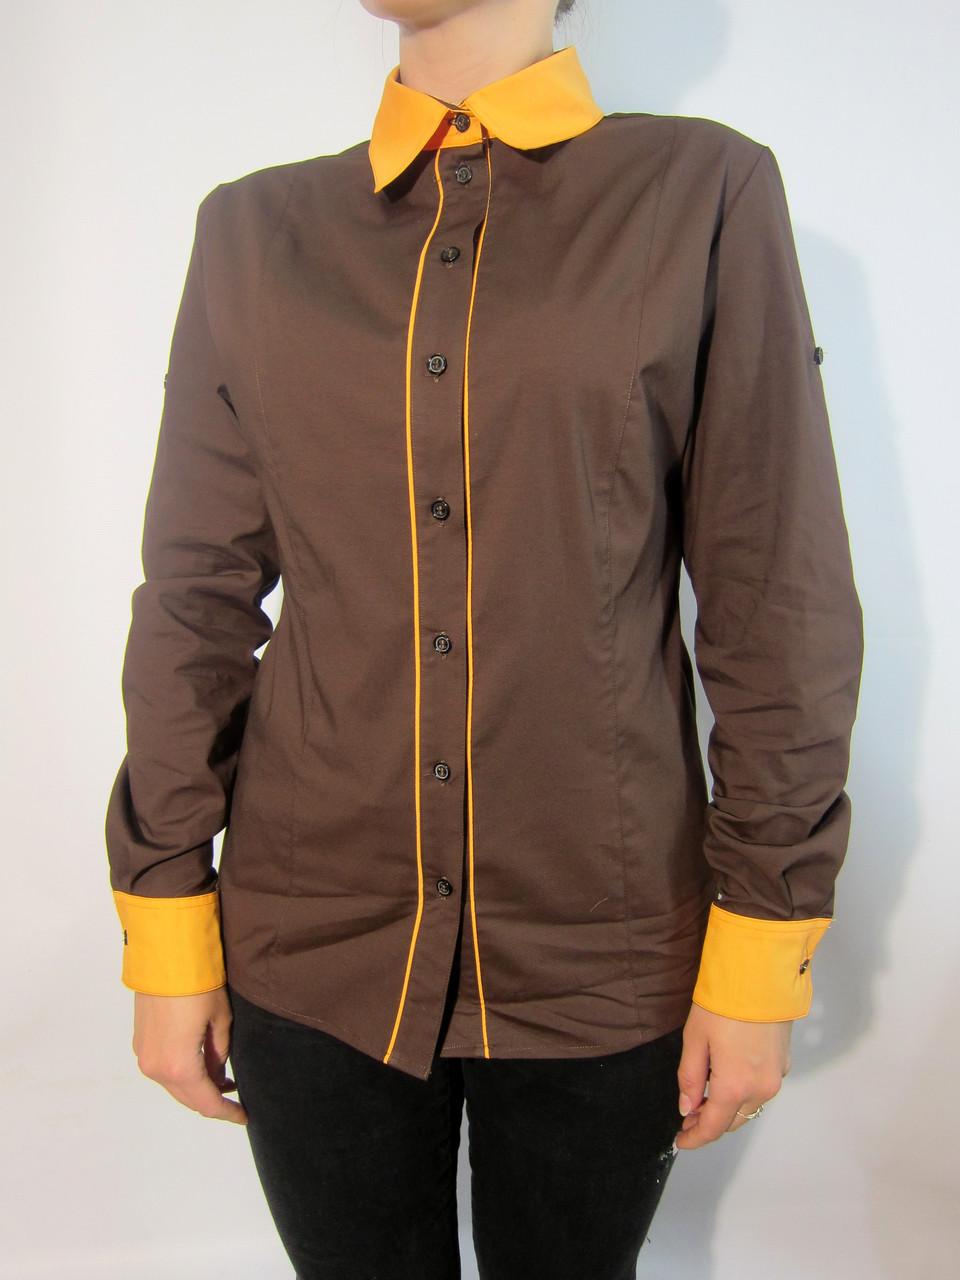 Рубашка для официанта с кантом Atteks - 02101